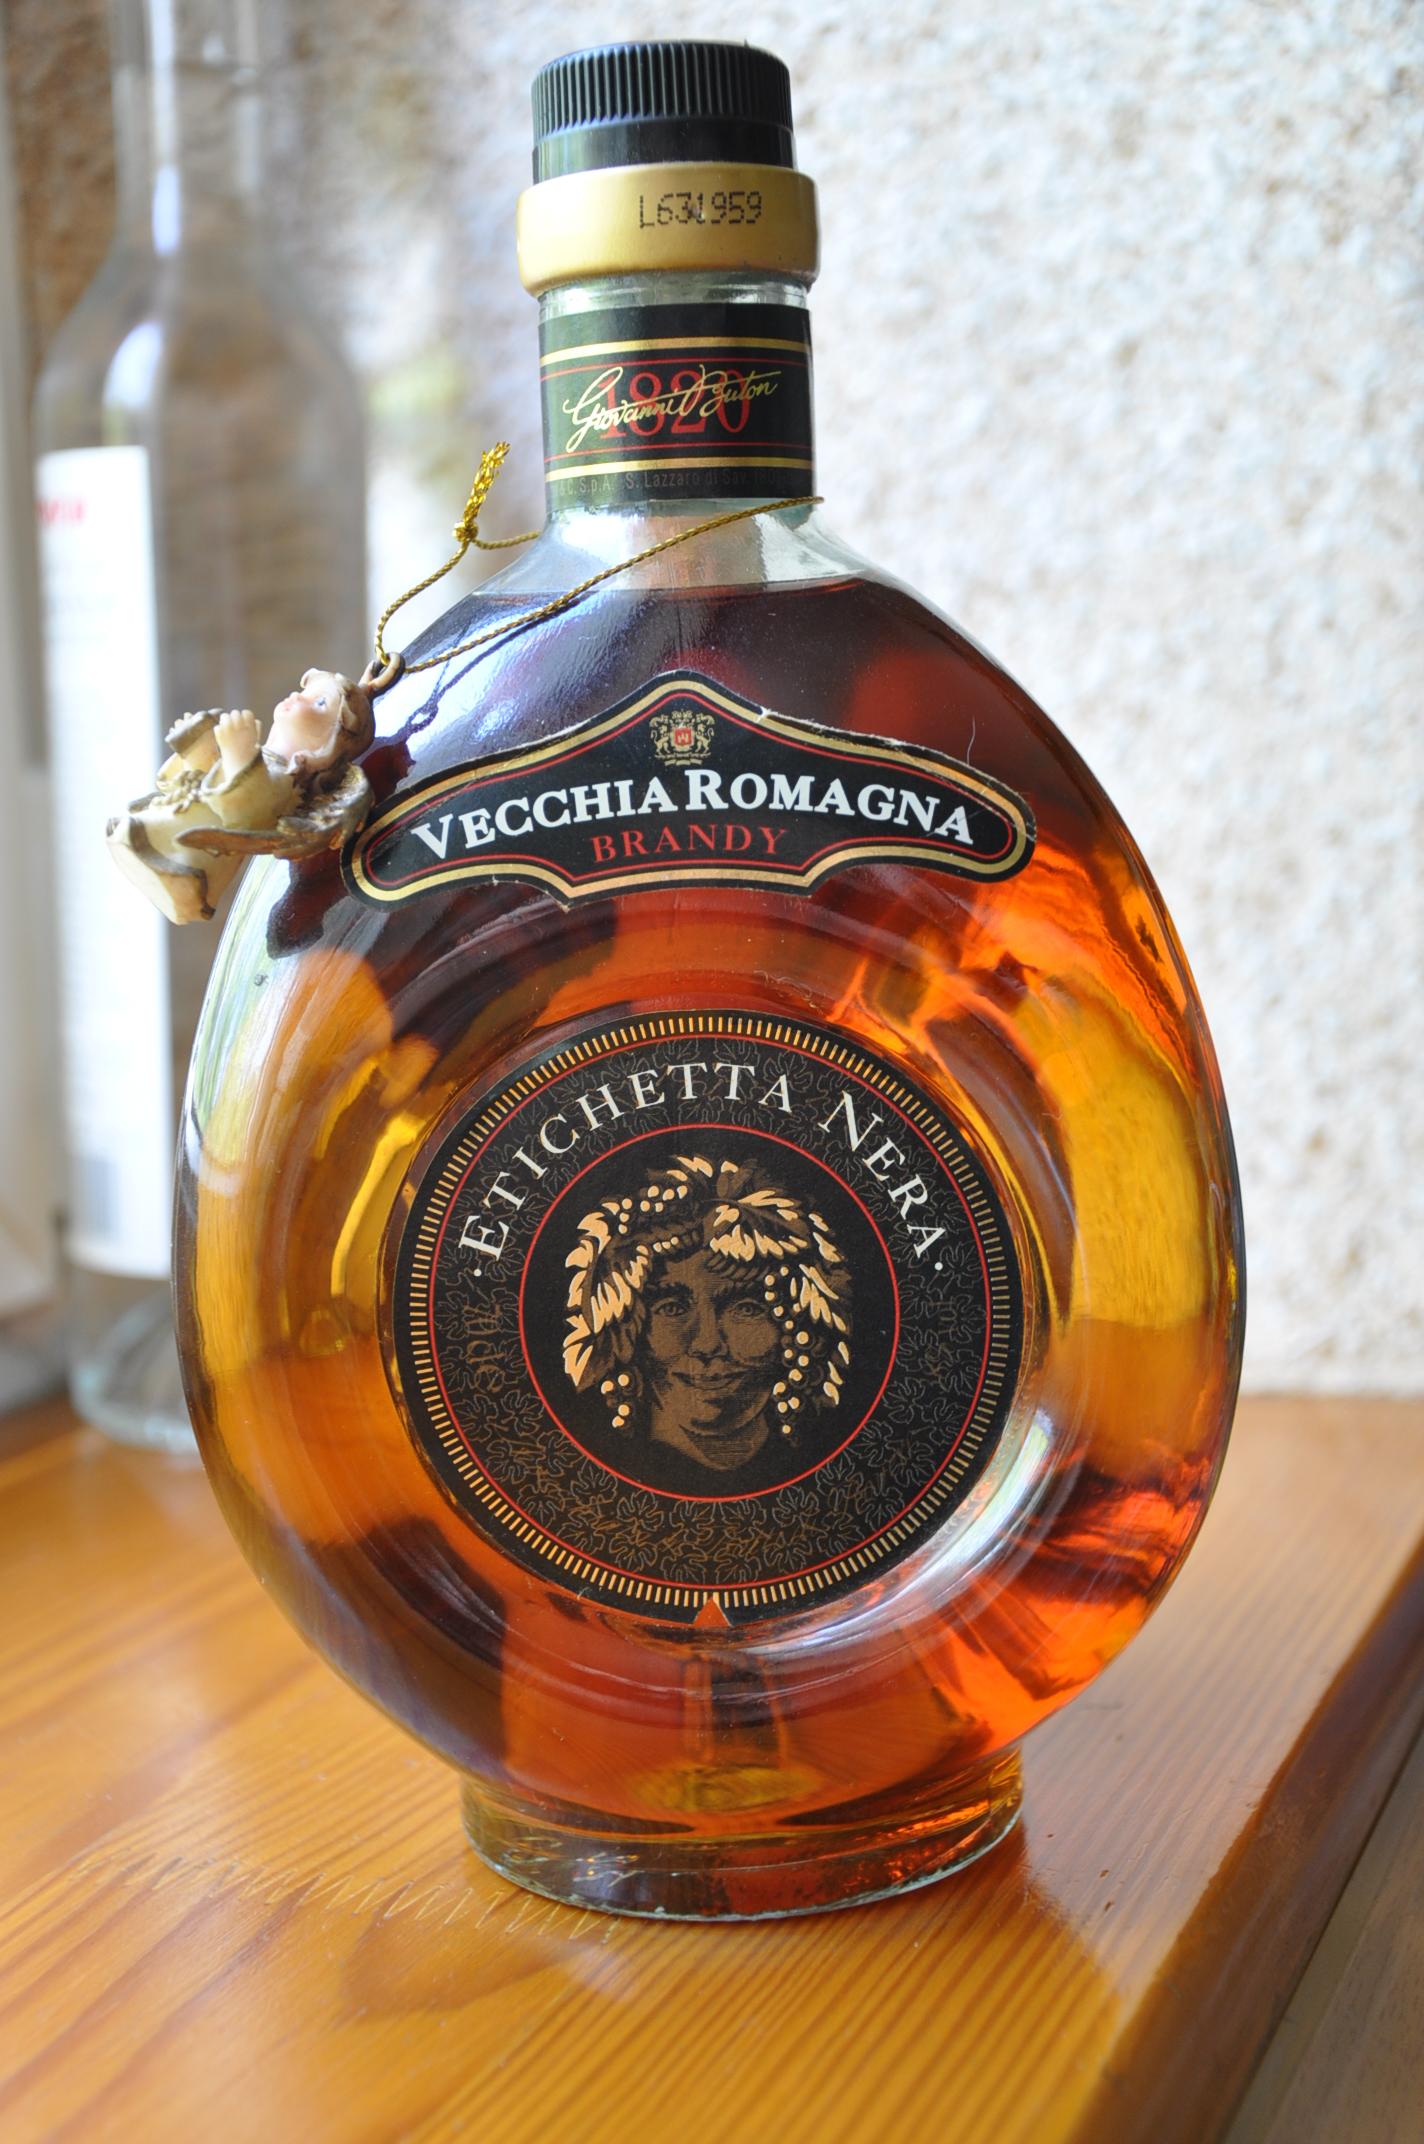 фото марки Vecchia Romagna